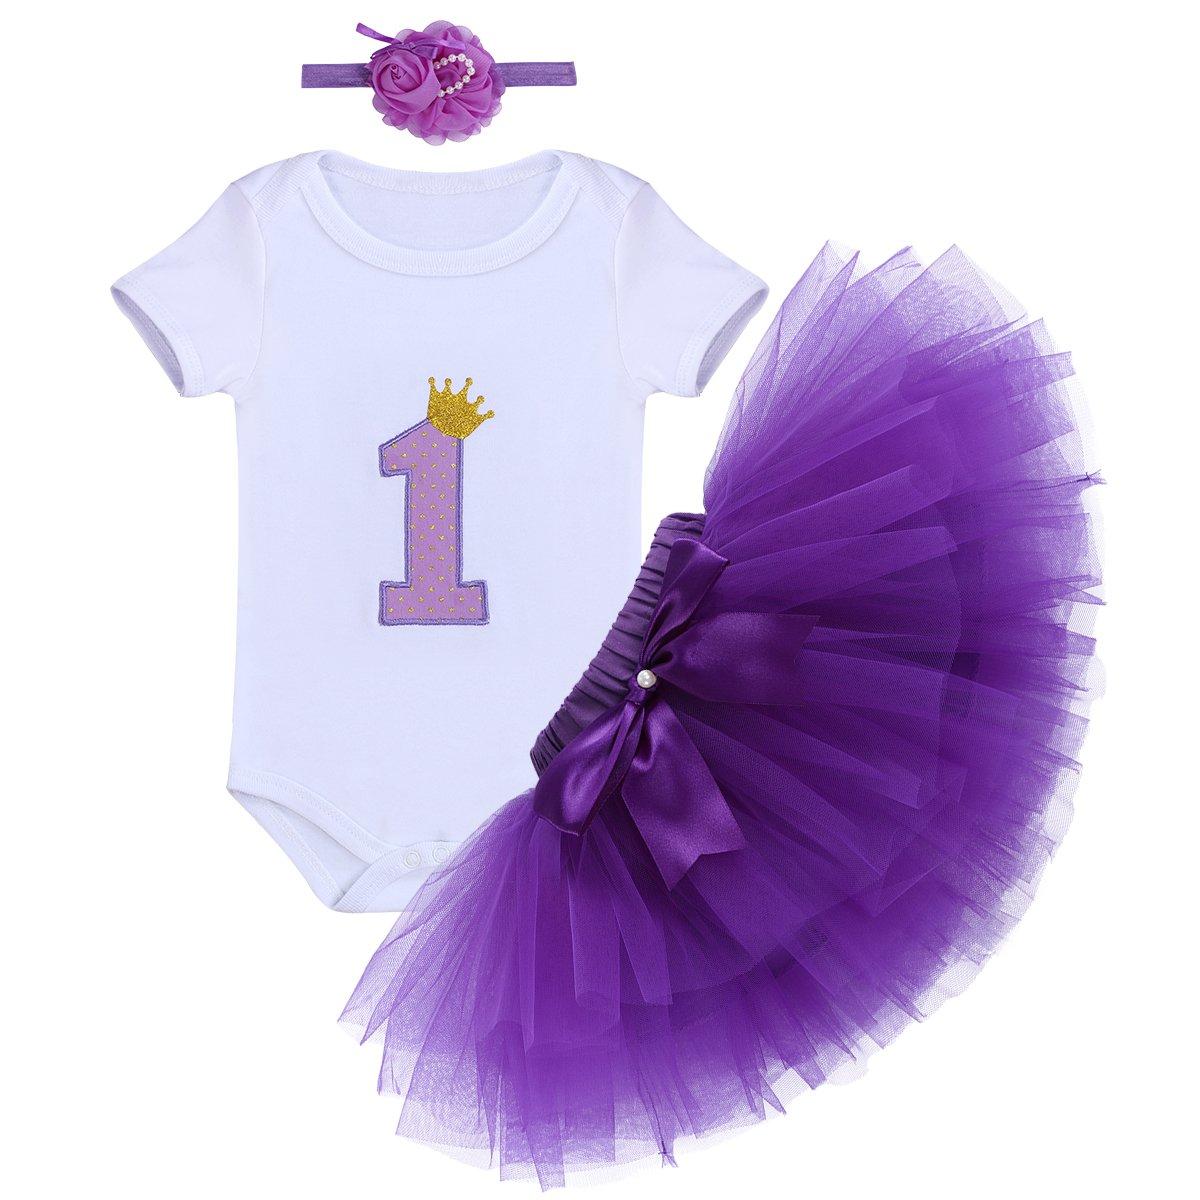 【大放出セール】 IBTOM CASTLE CASTLE DRESS ベビーガールズ #2 #2 Purple DRESS B0793S4CHB, カントリー雑貨コットンバニー:02aa252b --- arianechie.dominiotemporario.com